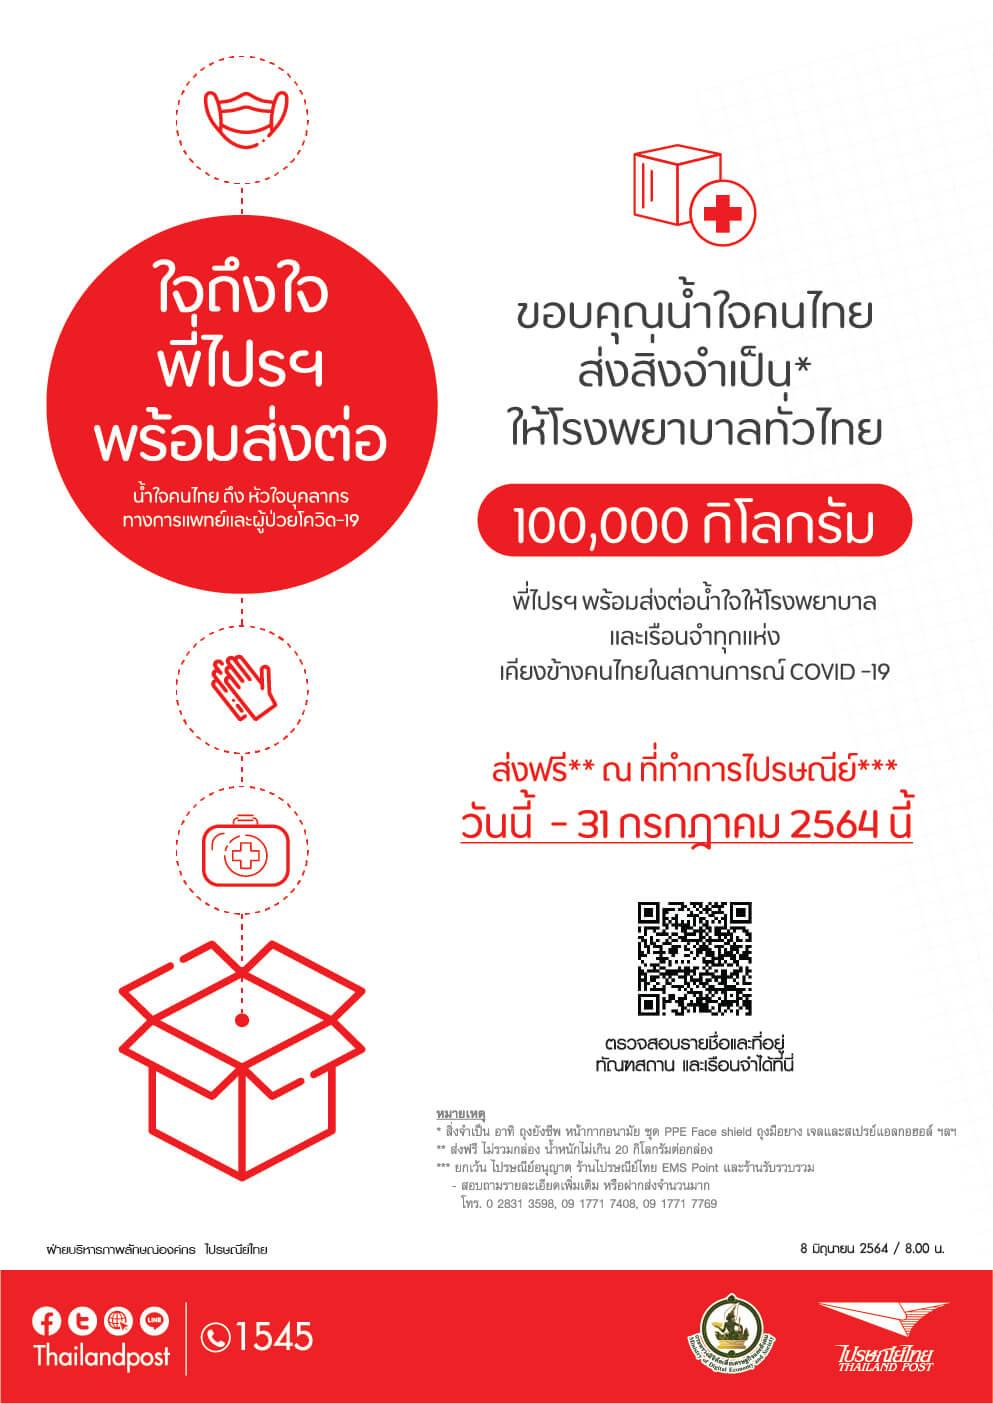 ไปรษณีย์ไทยขยายปลายทาง ส่งความห่วงใยช่วย COVID-19 ถึงเรือนจำทั่วประเทศ ฟรี!